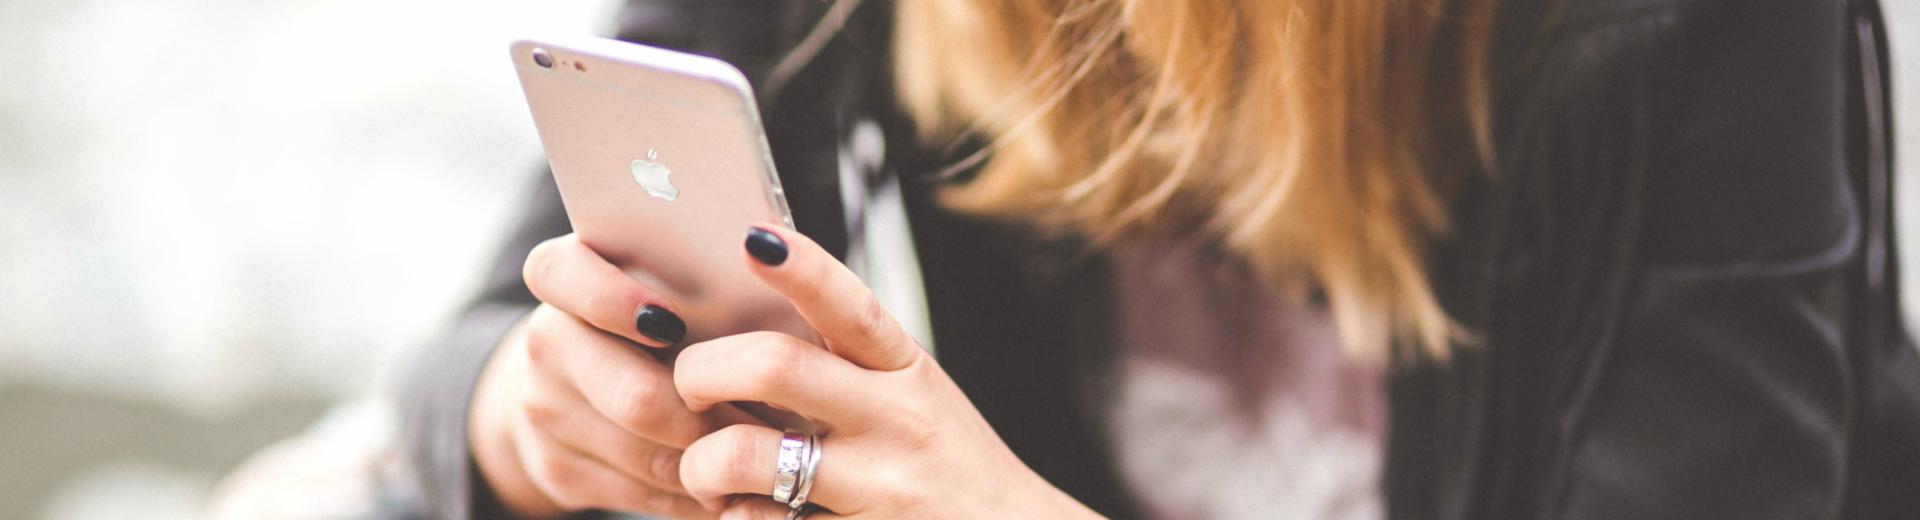 3 Λόγοι: Γιατίπρέπει να χρησιμοποιείτε Instagram hashtags!